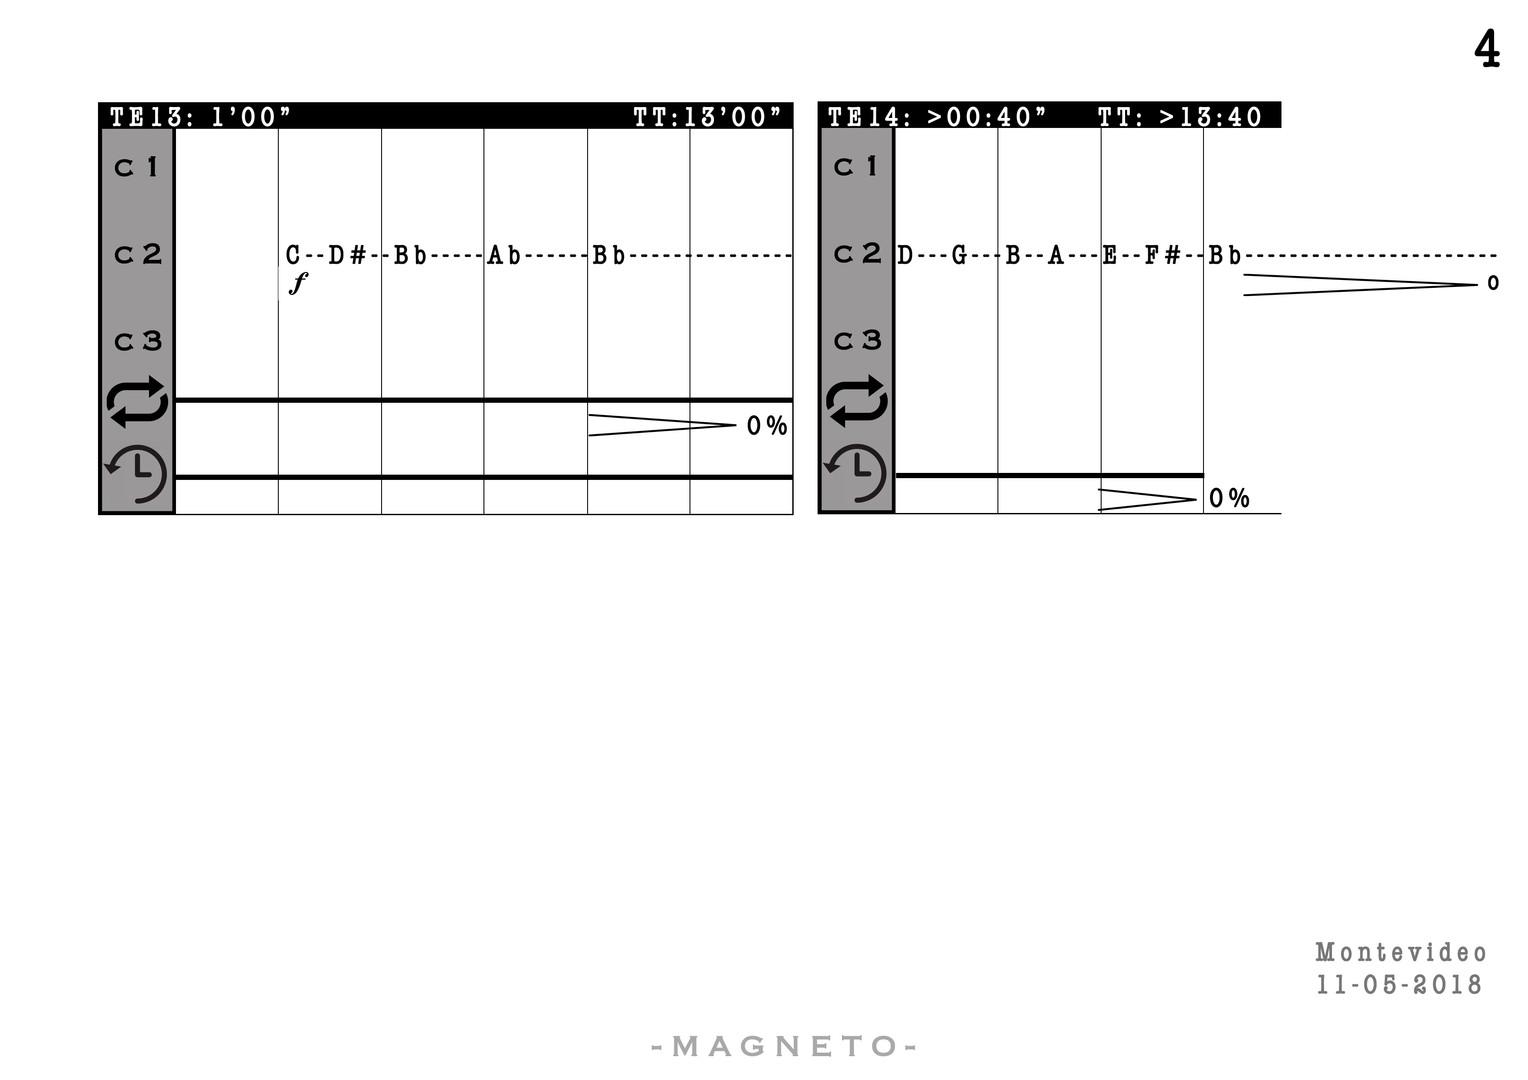 Magneto 5.jpg